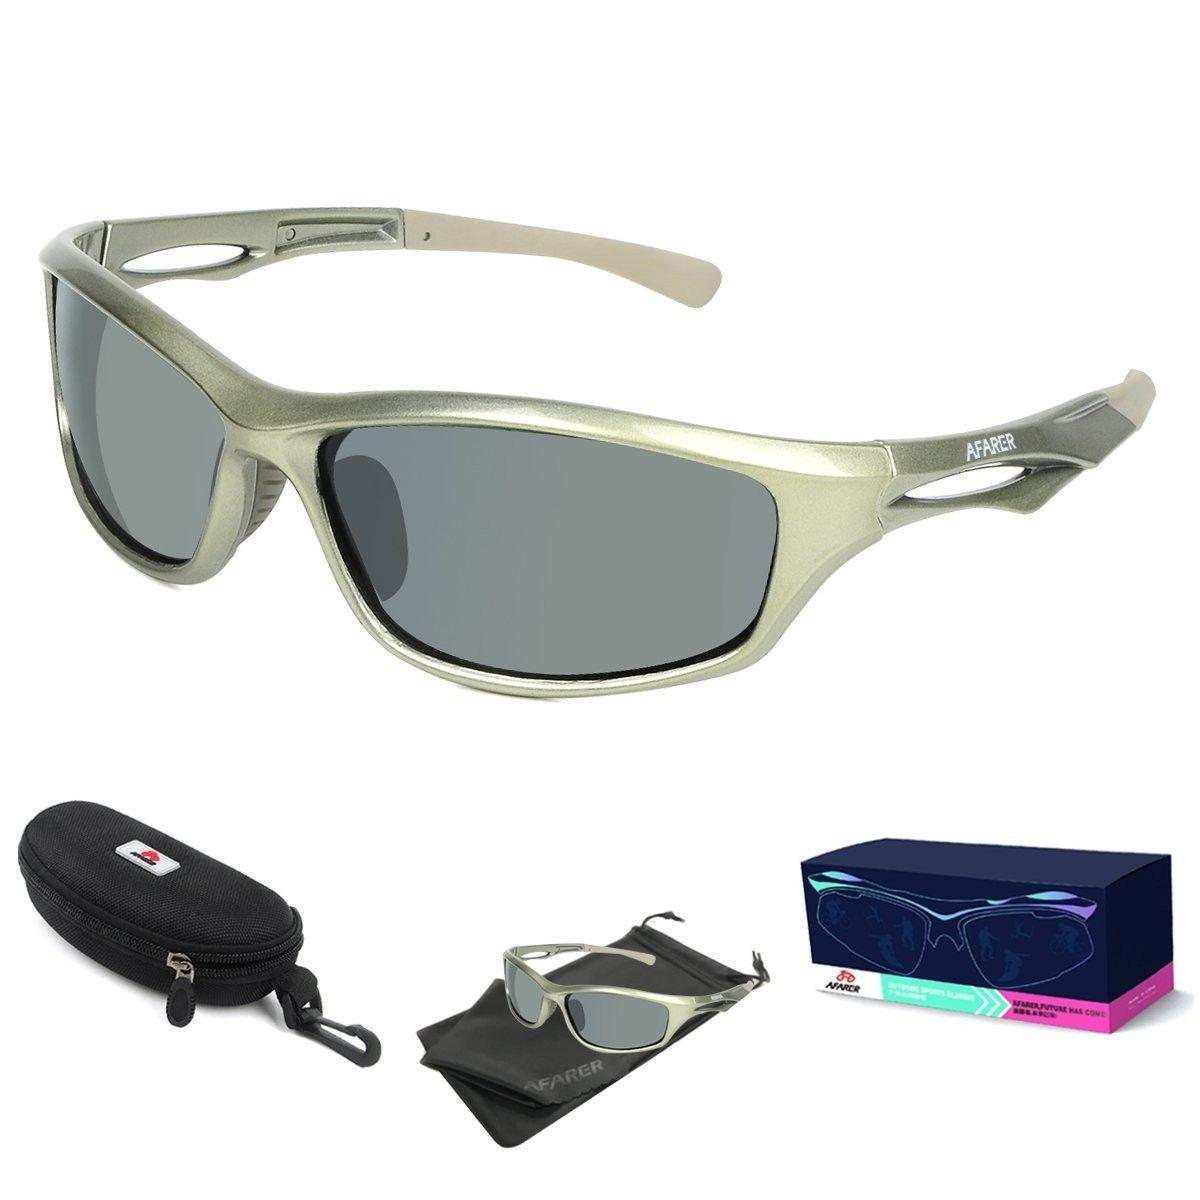 AFARER Polarized Sport Sunglasses for men women Outdoor